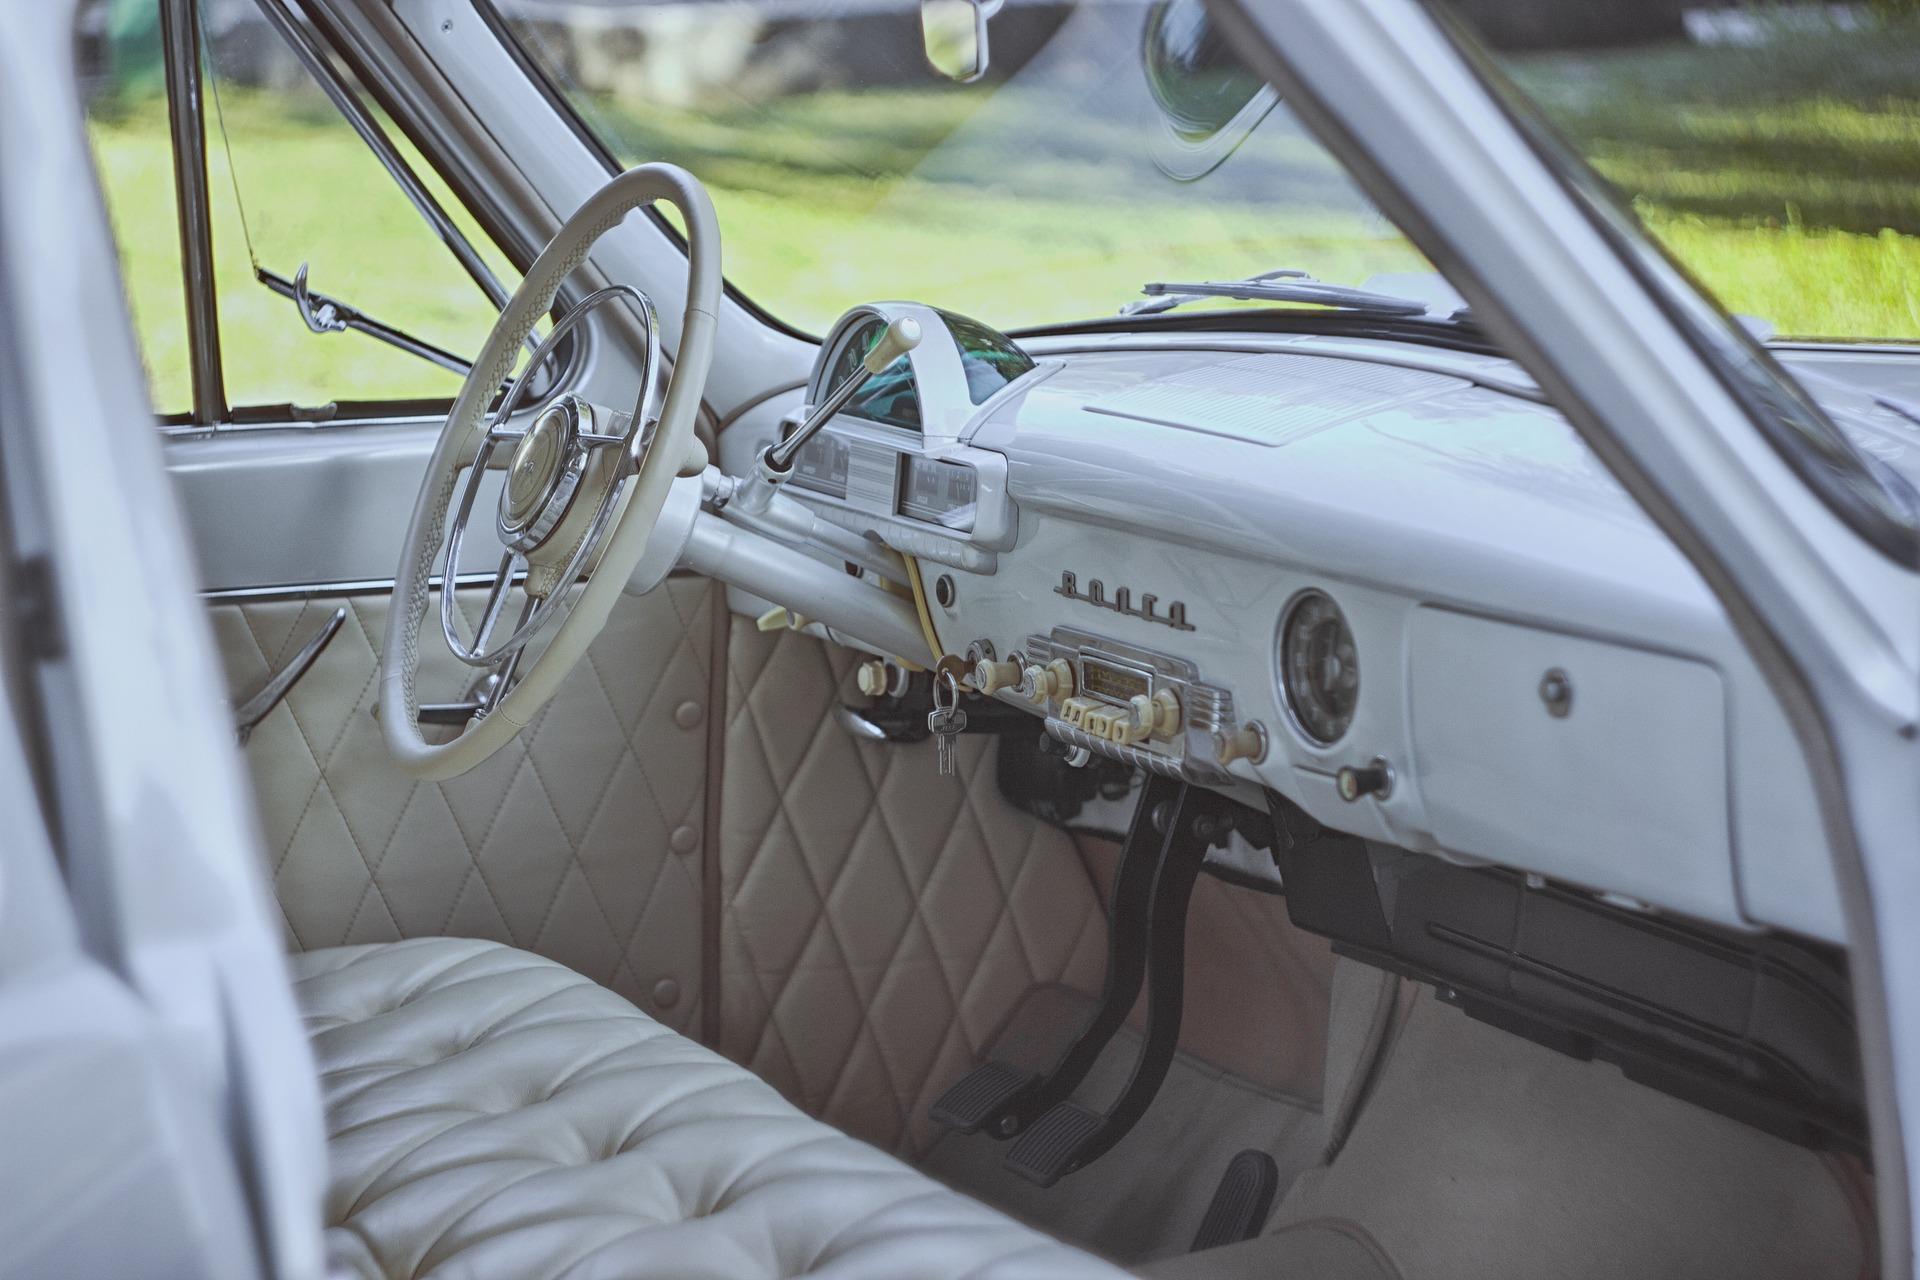 car-867231_1920.jpg